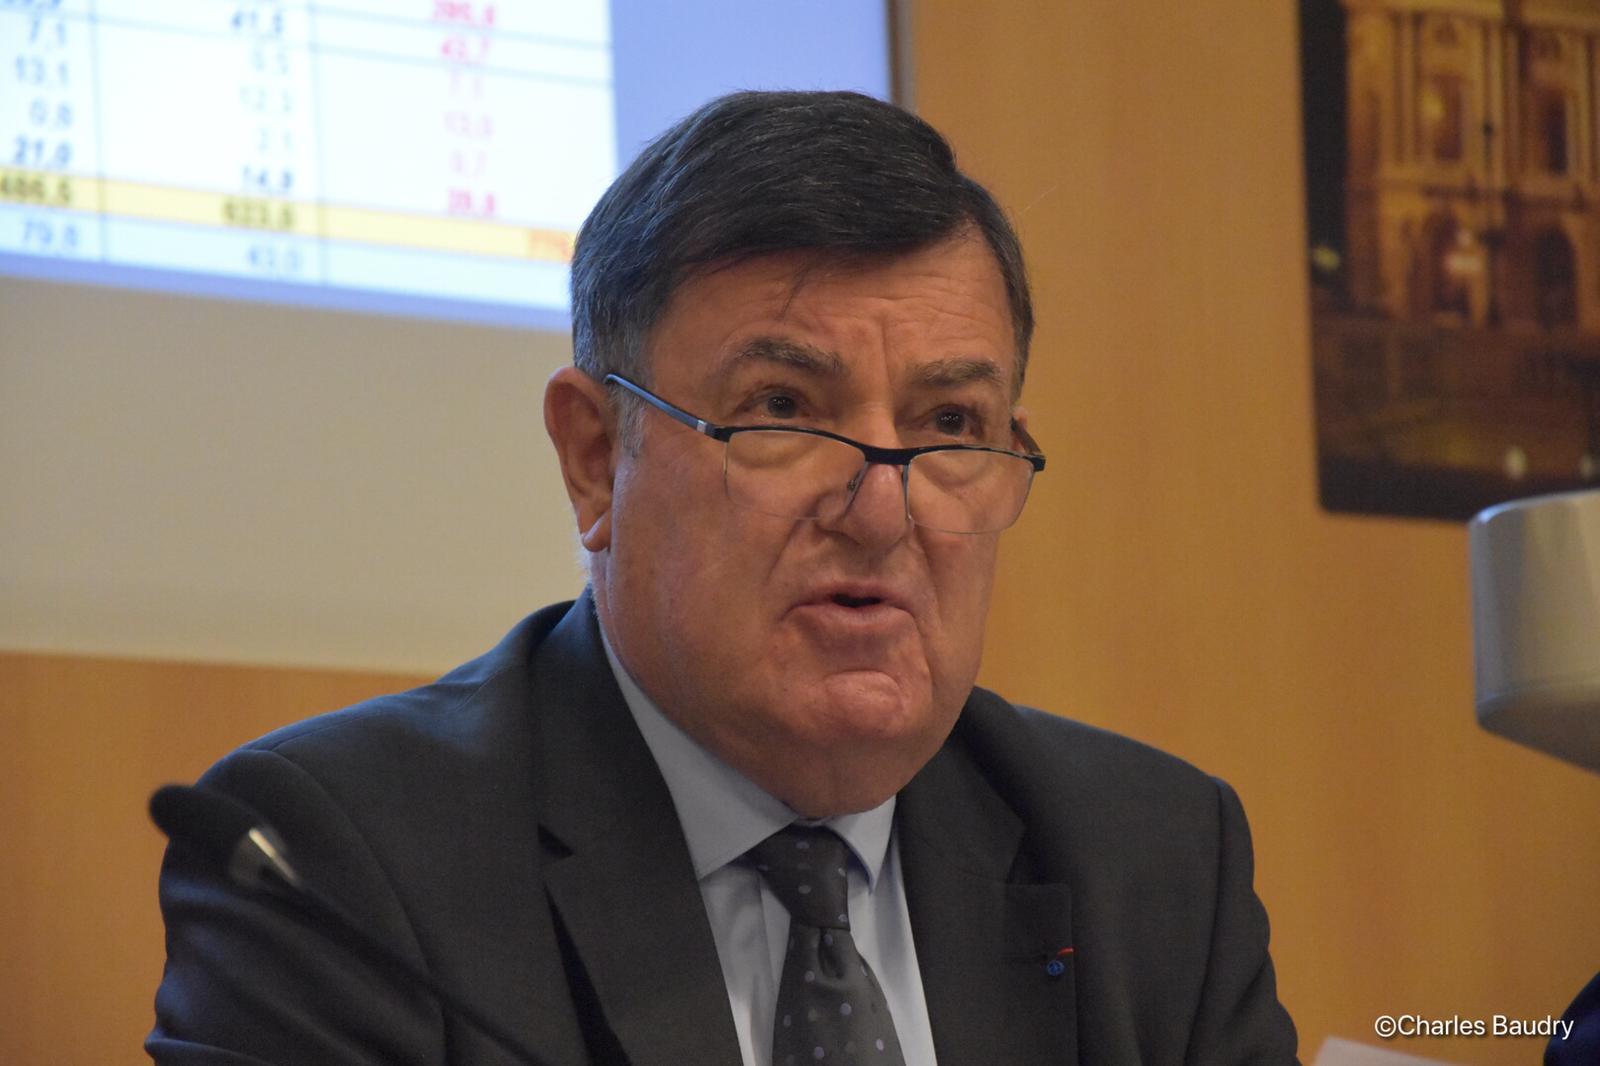 2020 en Outre-mer: «La FEDOM veillera à ce que les intérêts des entreprises ne passent pas au second plan si réforme il y a»Jean-Pierre Philibert, Président de la FEDOM